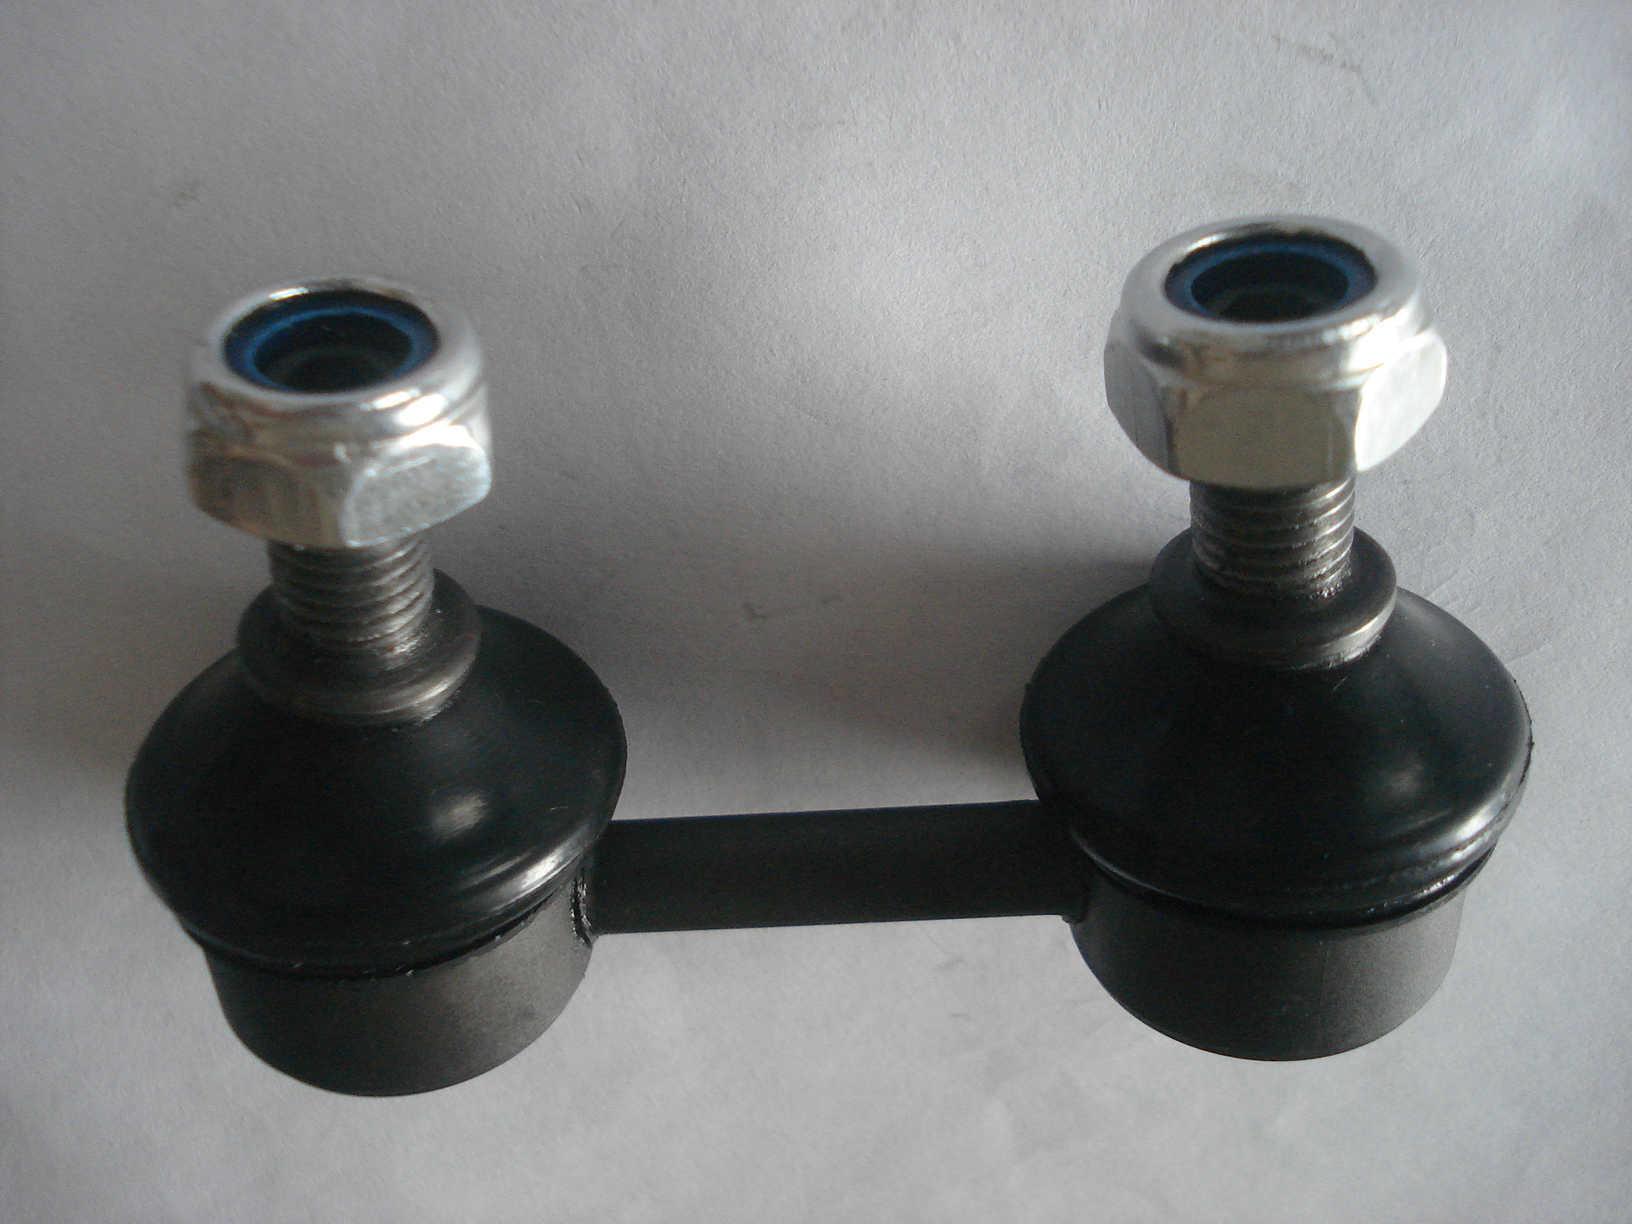 Stabilisator Link 48820-22010 voor Toyota